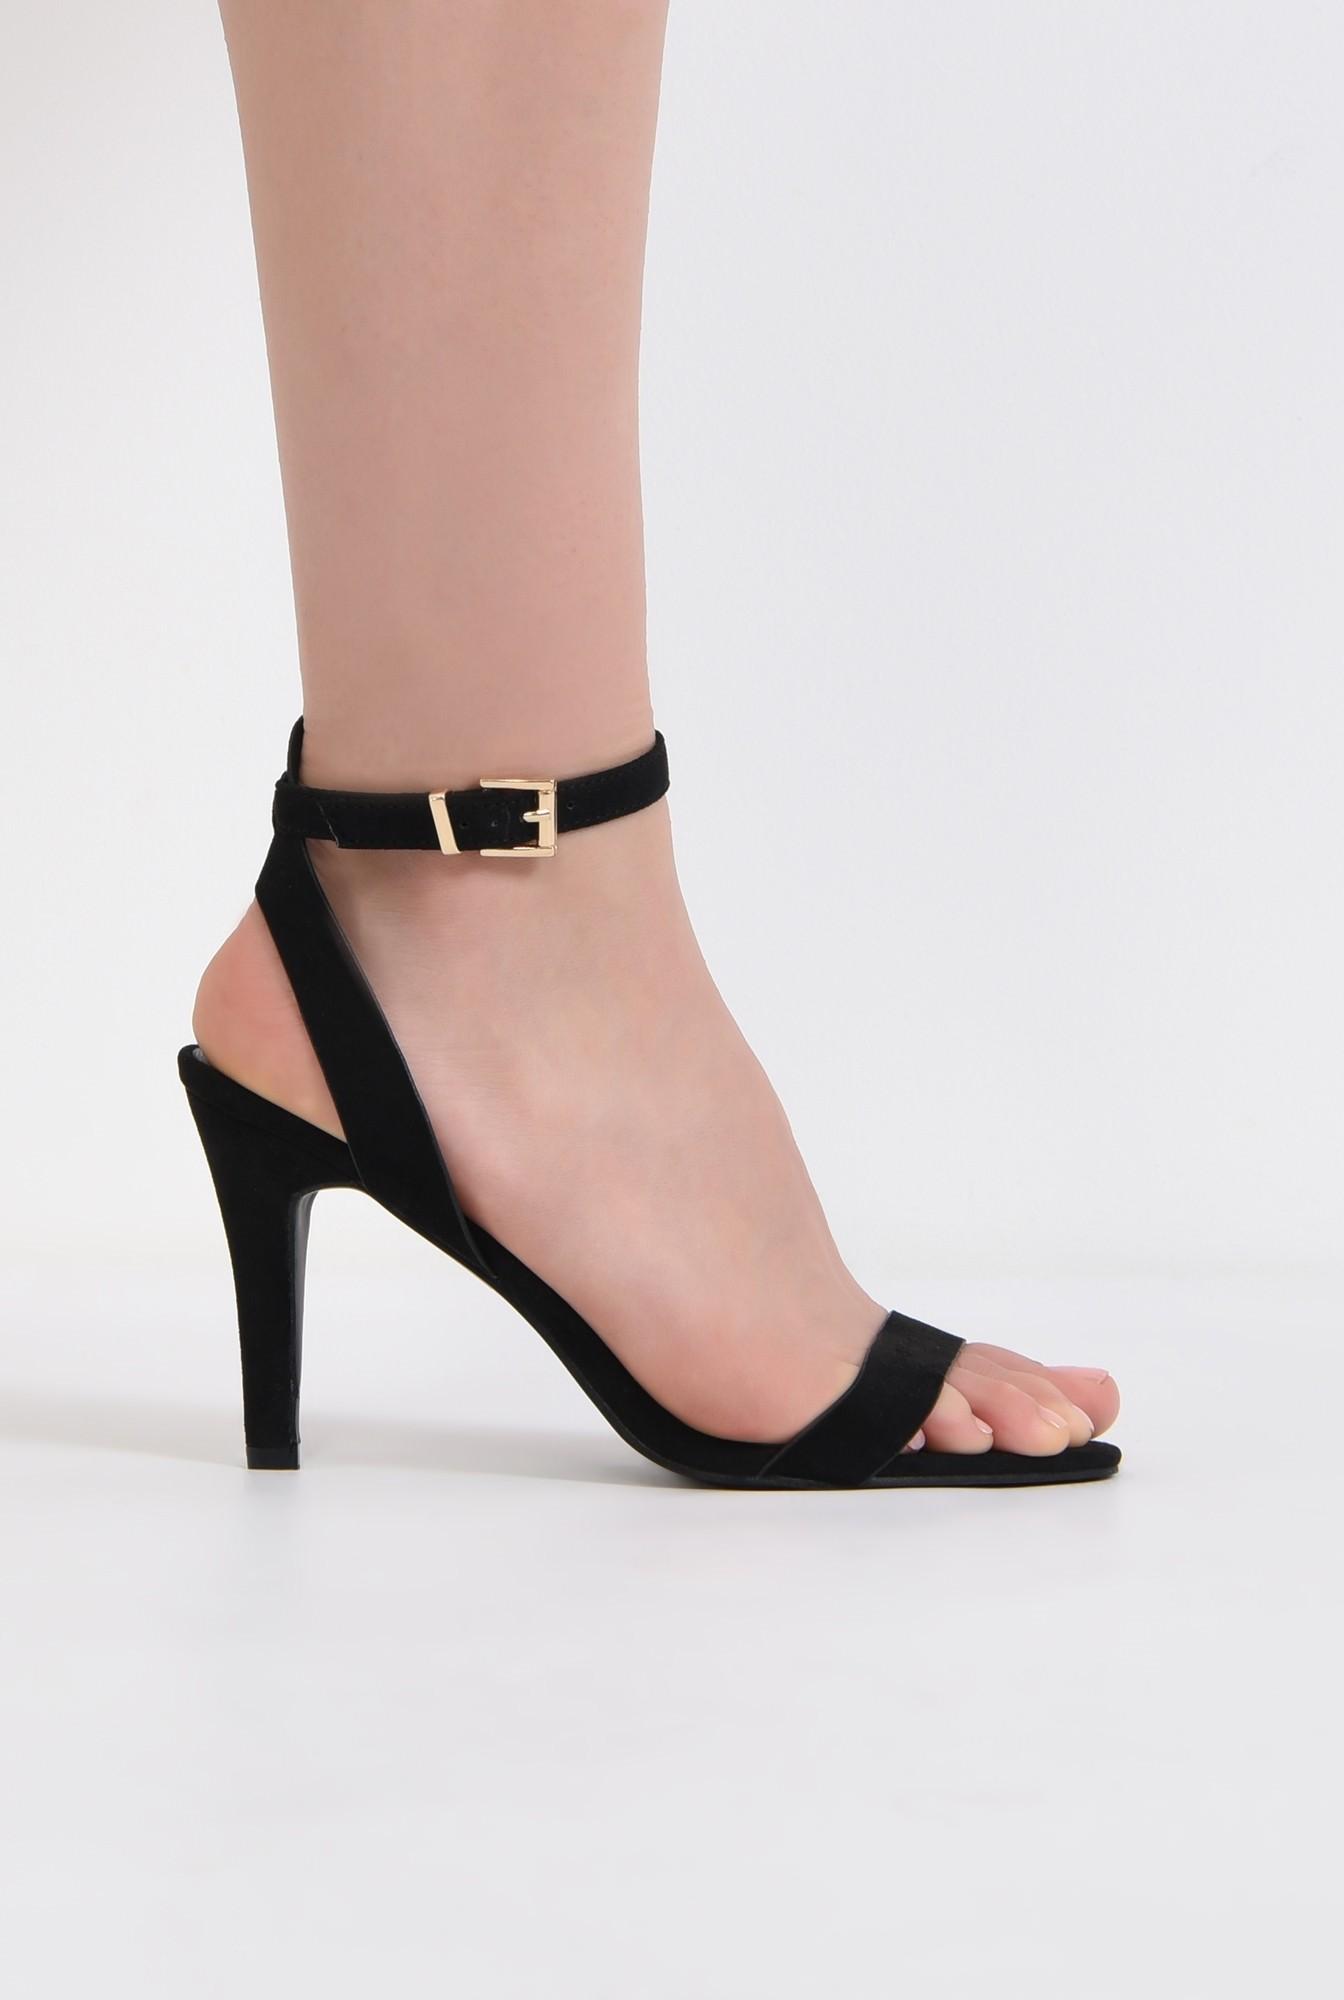 sandale casual, toc subtire, bareta la glezna, negru